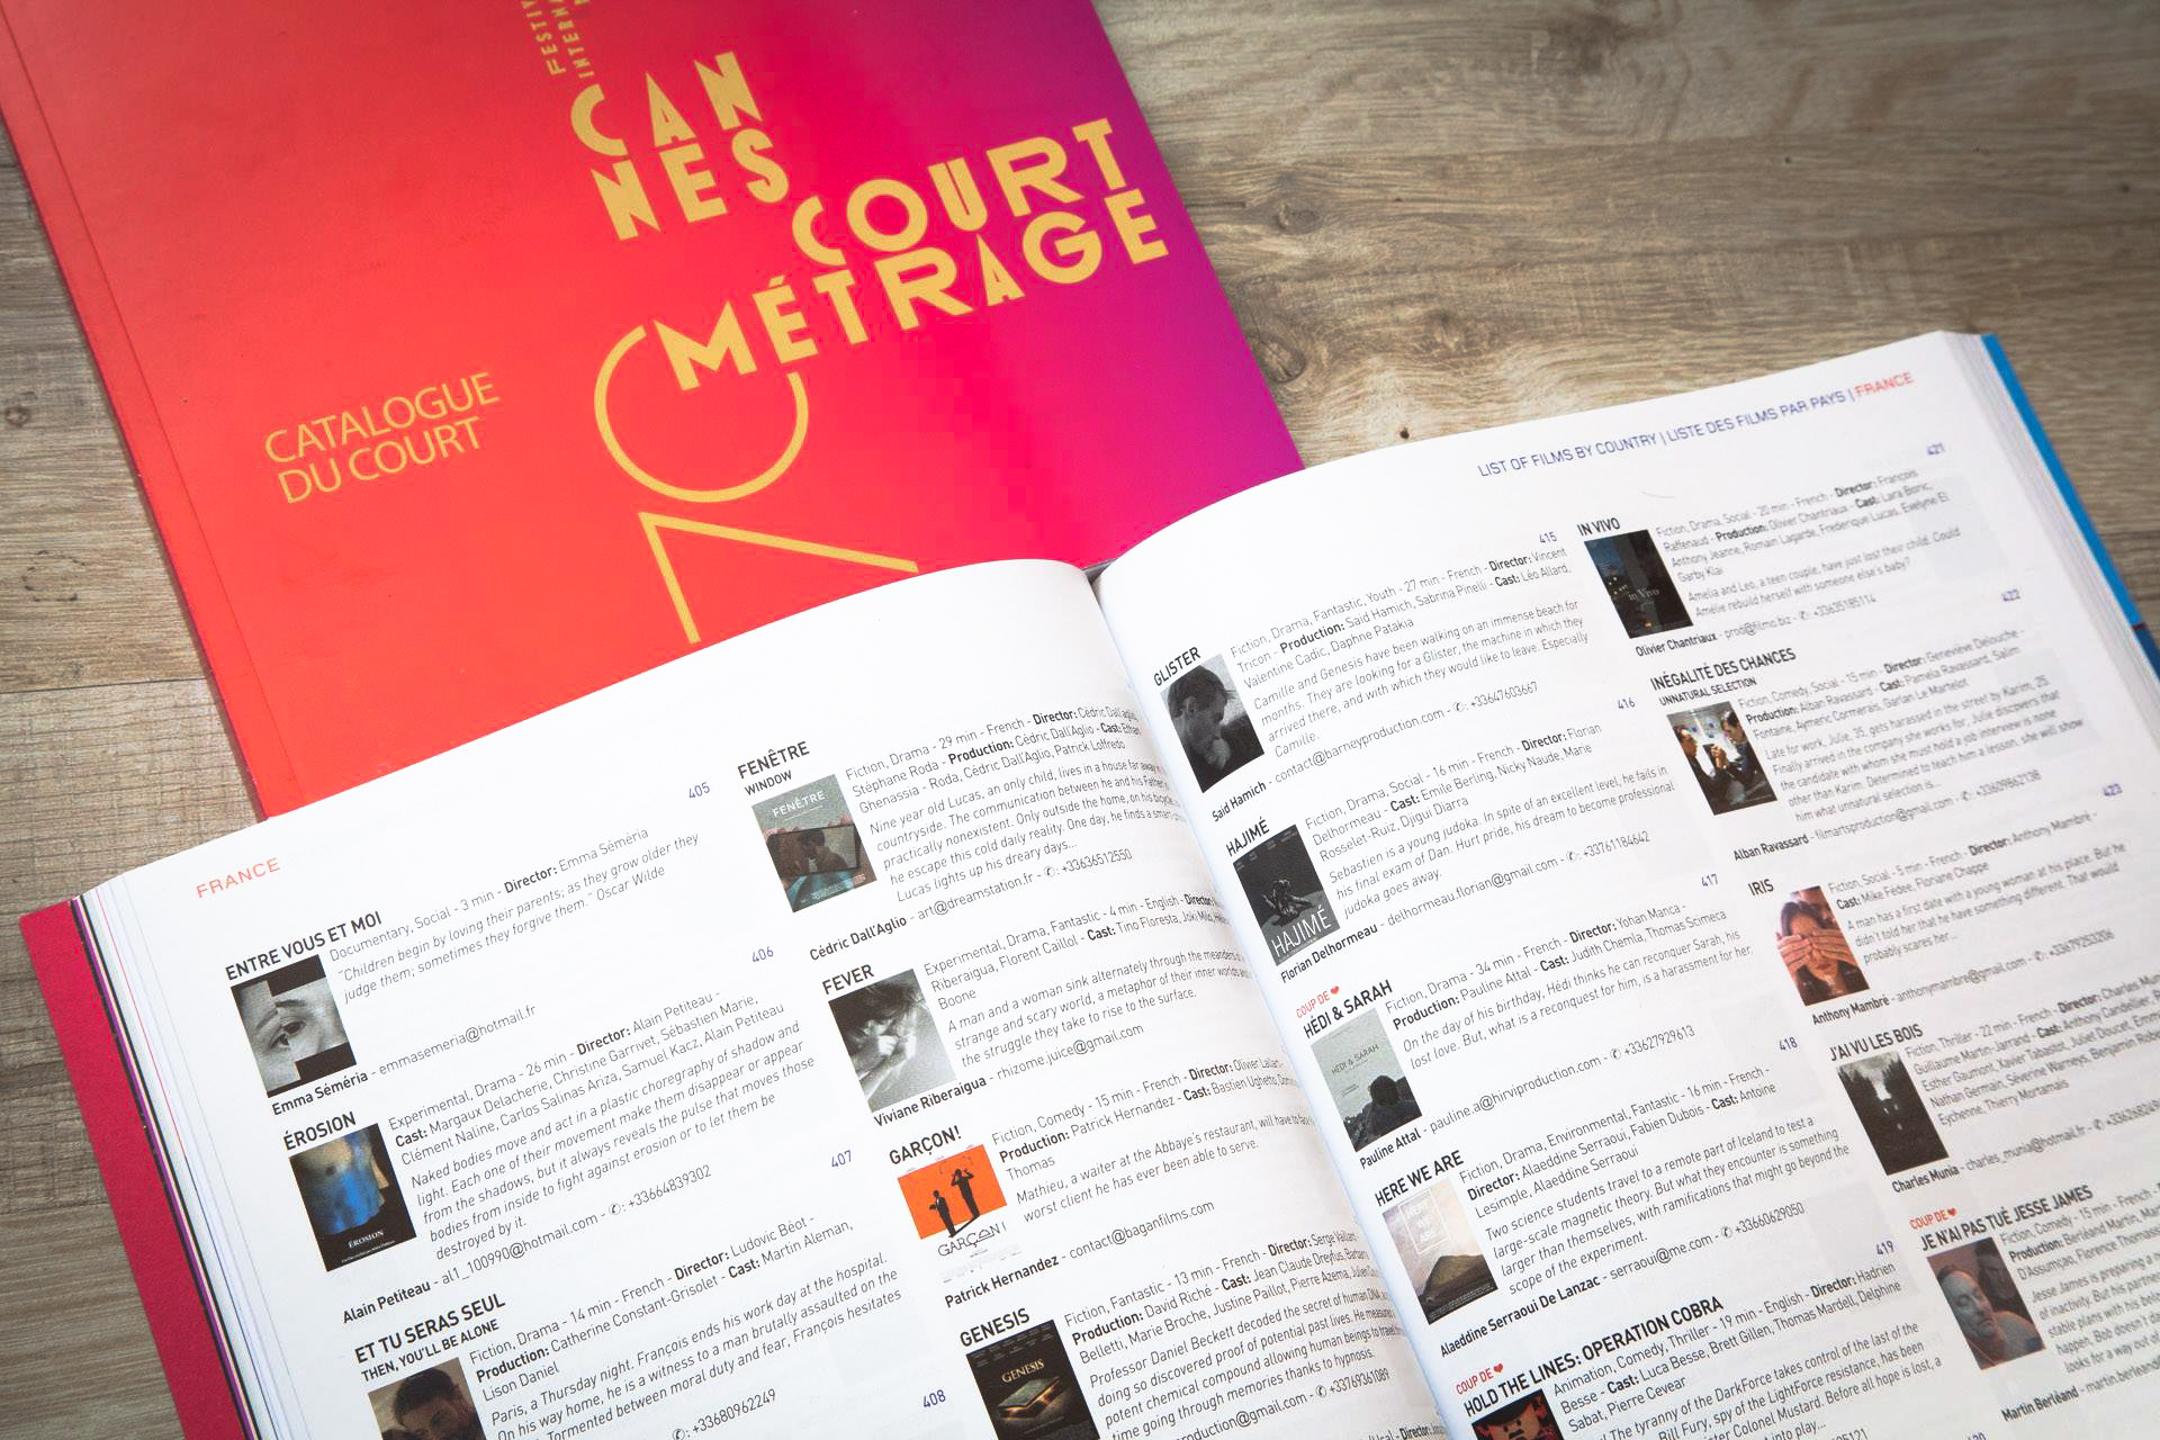 Catalogue du Film court Short Film Corner 2017 Festival de Cannes – Riberaigua Viviane réalisateur